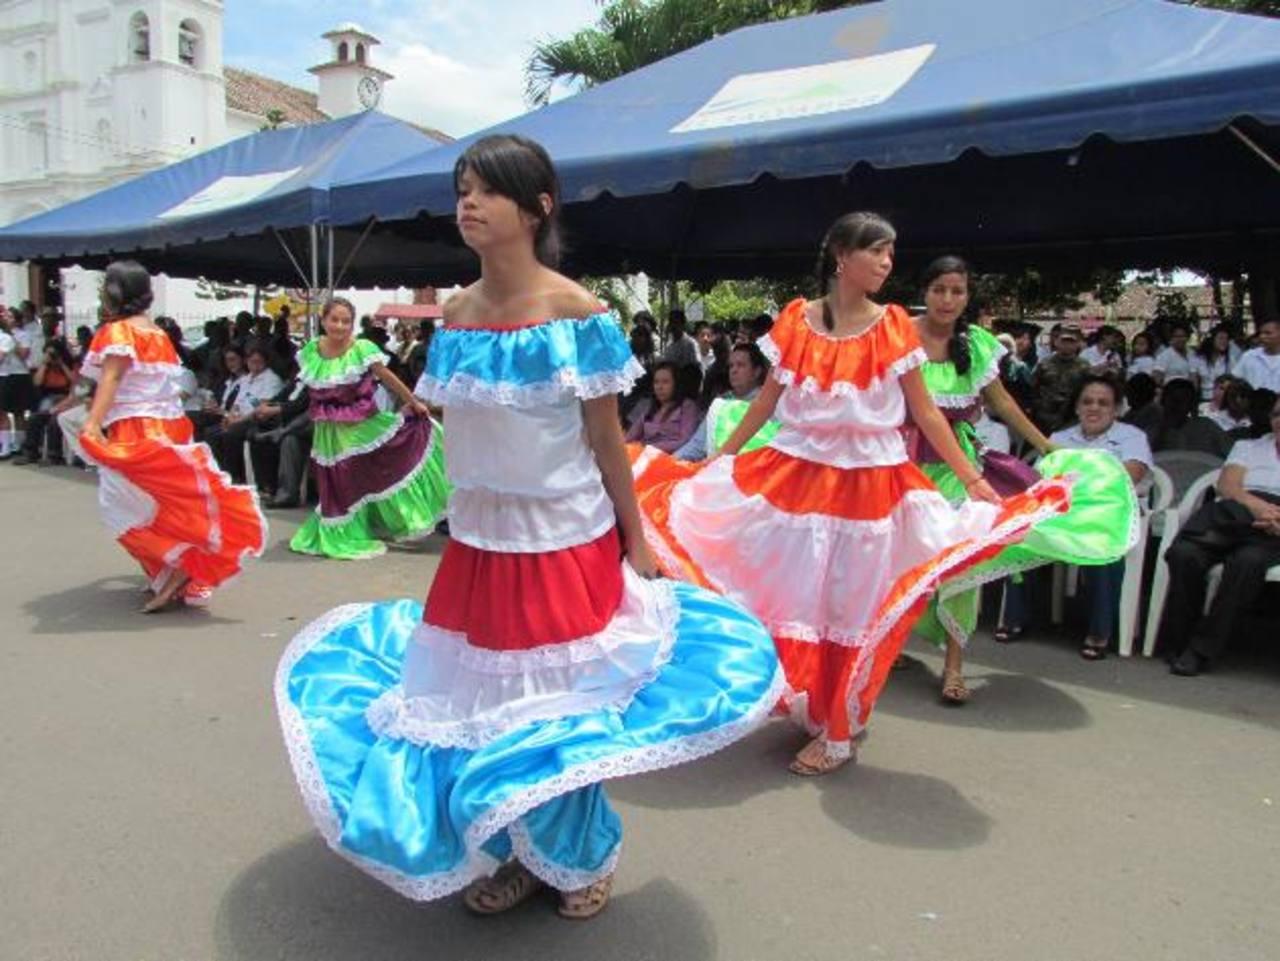 Los bailes folclóricos como Las Cortadoras y El Torito Pinto, además de El Carbonero y Chalchuapa, fueron parte de las presentaciones cívicas. Foto EDH / Mauricio Guevara